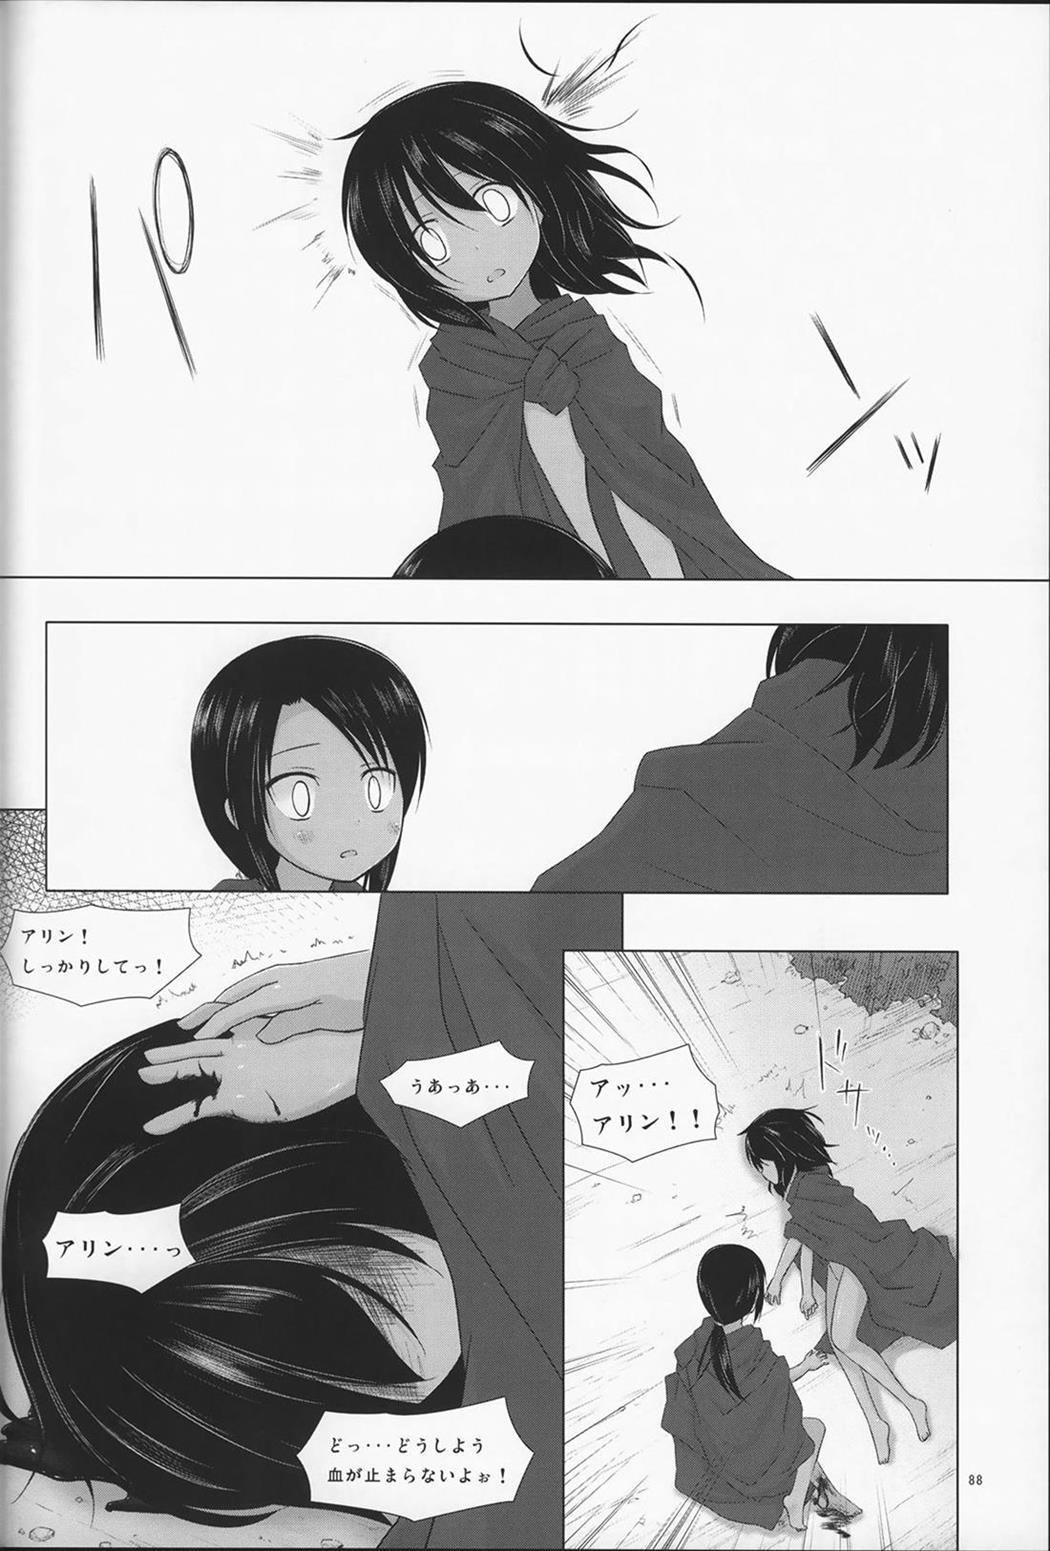 【エロ漫画・エロ同人誌】異国で父親に売られて売春する羽目になったロリ少女wひたすらお客とエッチしてる毎日を送ってたら日本人の男に助けられ日本に来てもセックス依存がぬけてないwww (88)